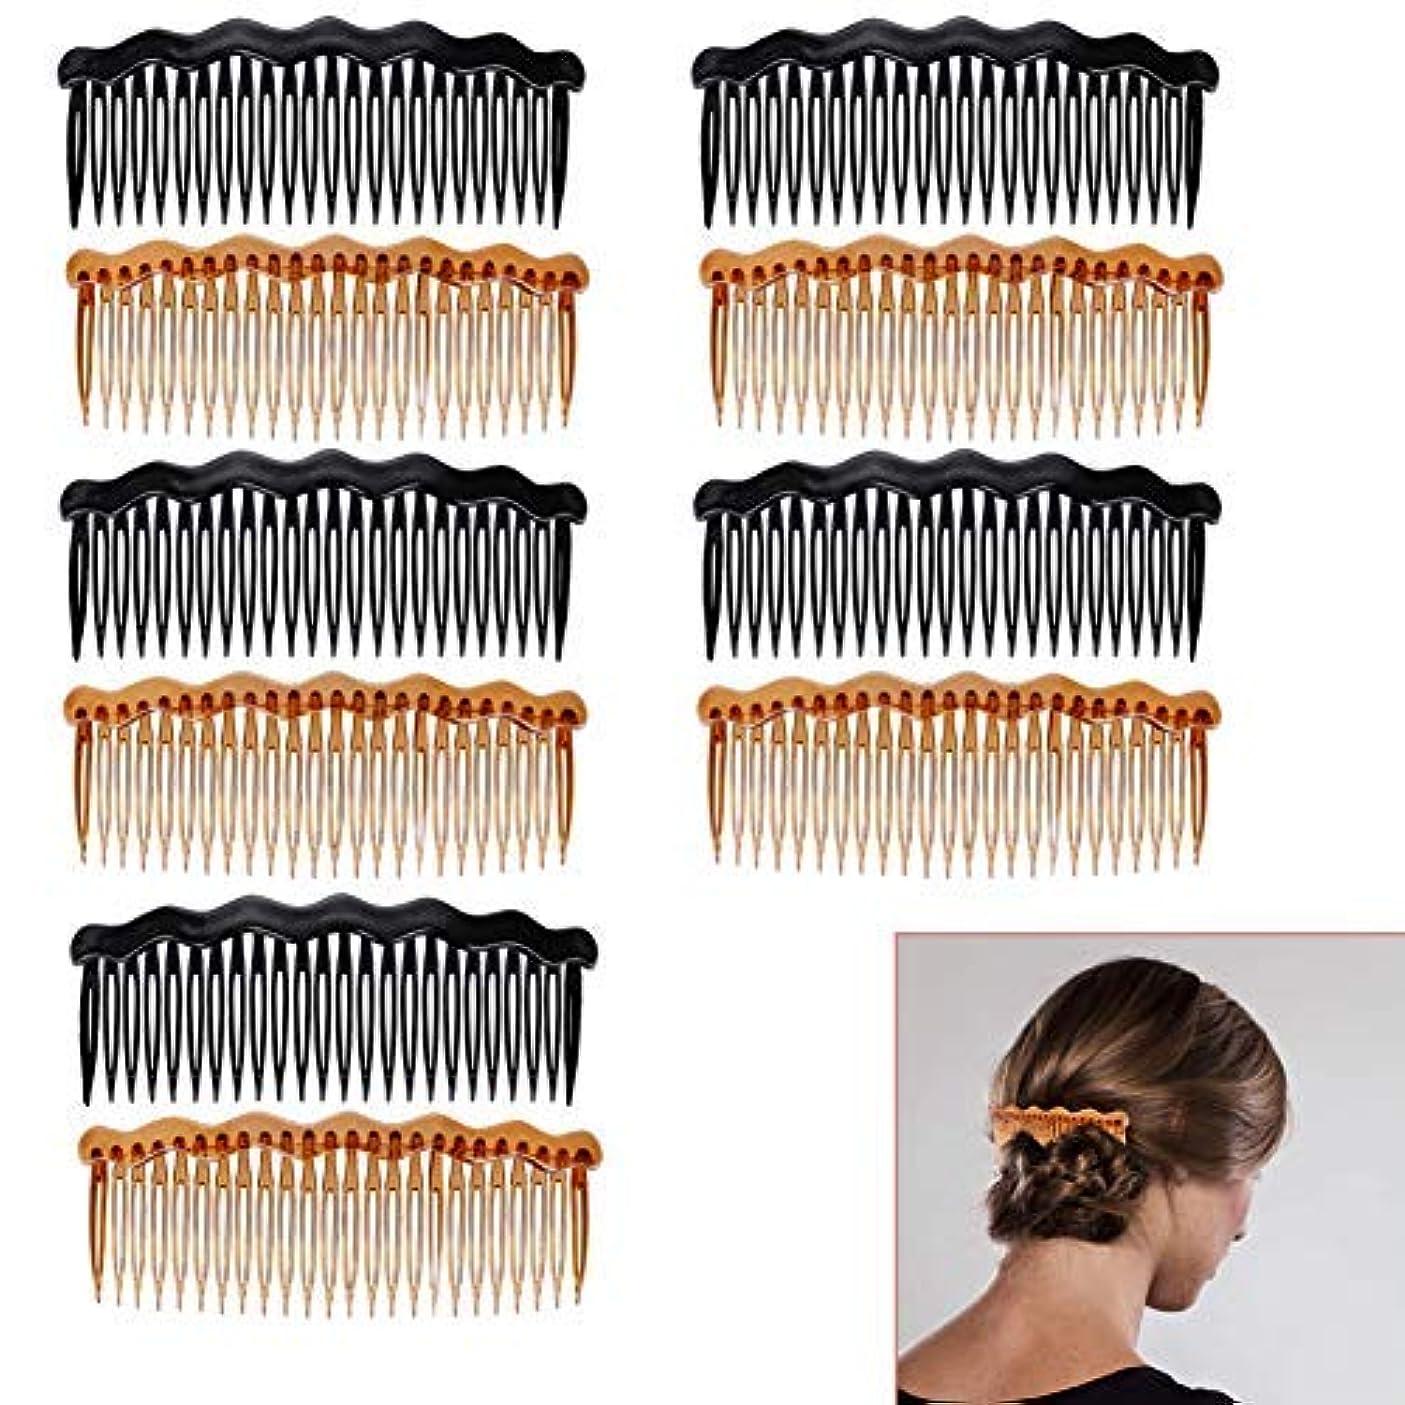 下着ズームインする学習Luckycivia 10Pcs Plastic French Twist Comb, Side Hair Combs with 24 Teeth Hair Comb for Fine Hair,Hair Combs Accessories...